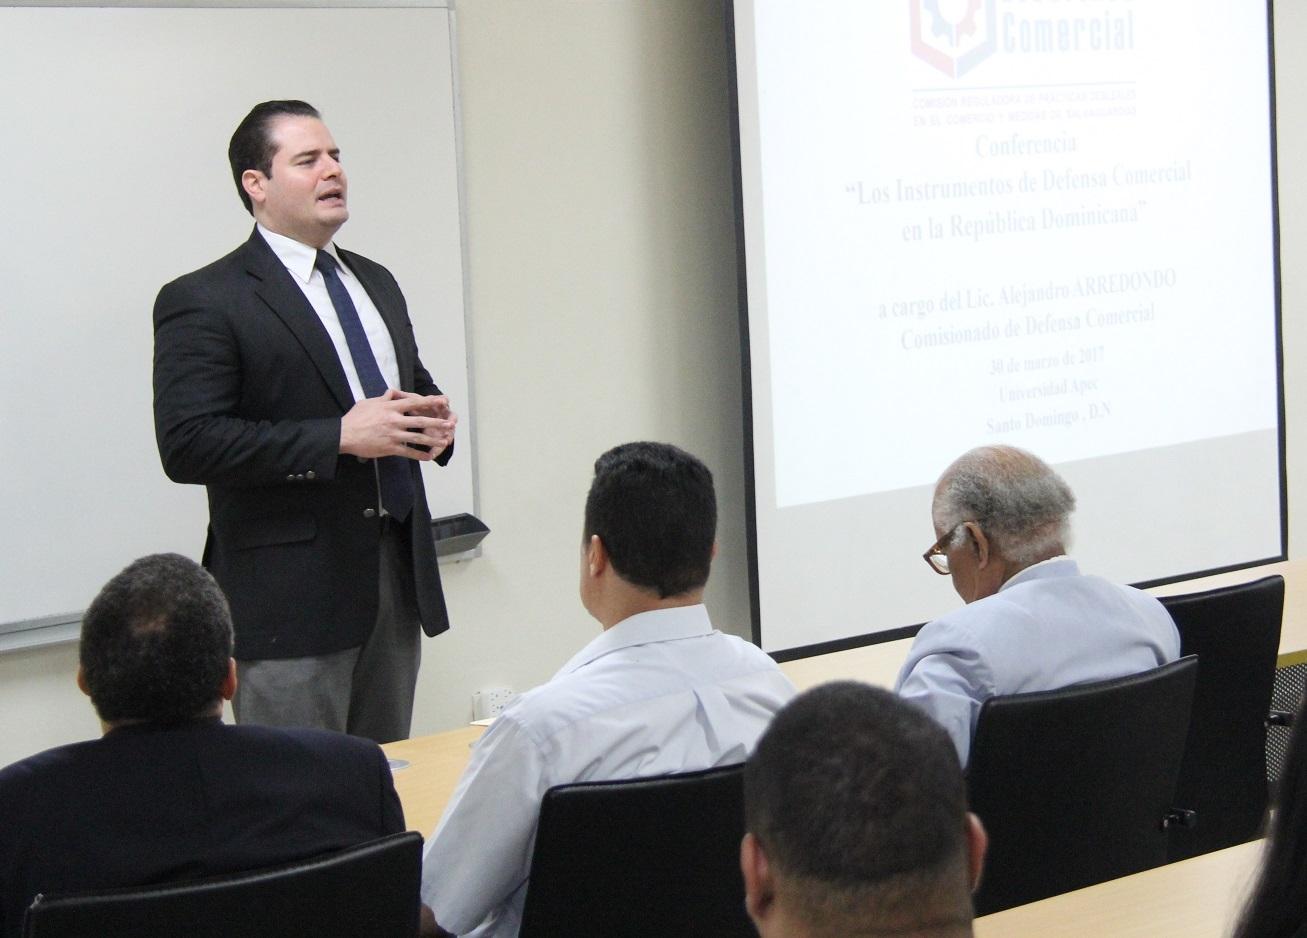 Manuel Morales Vicens presenta al conferencista.